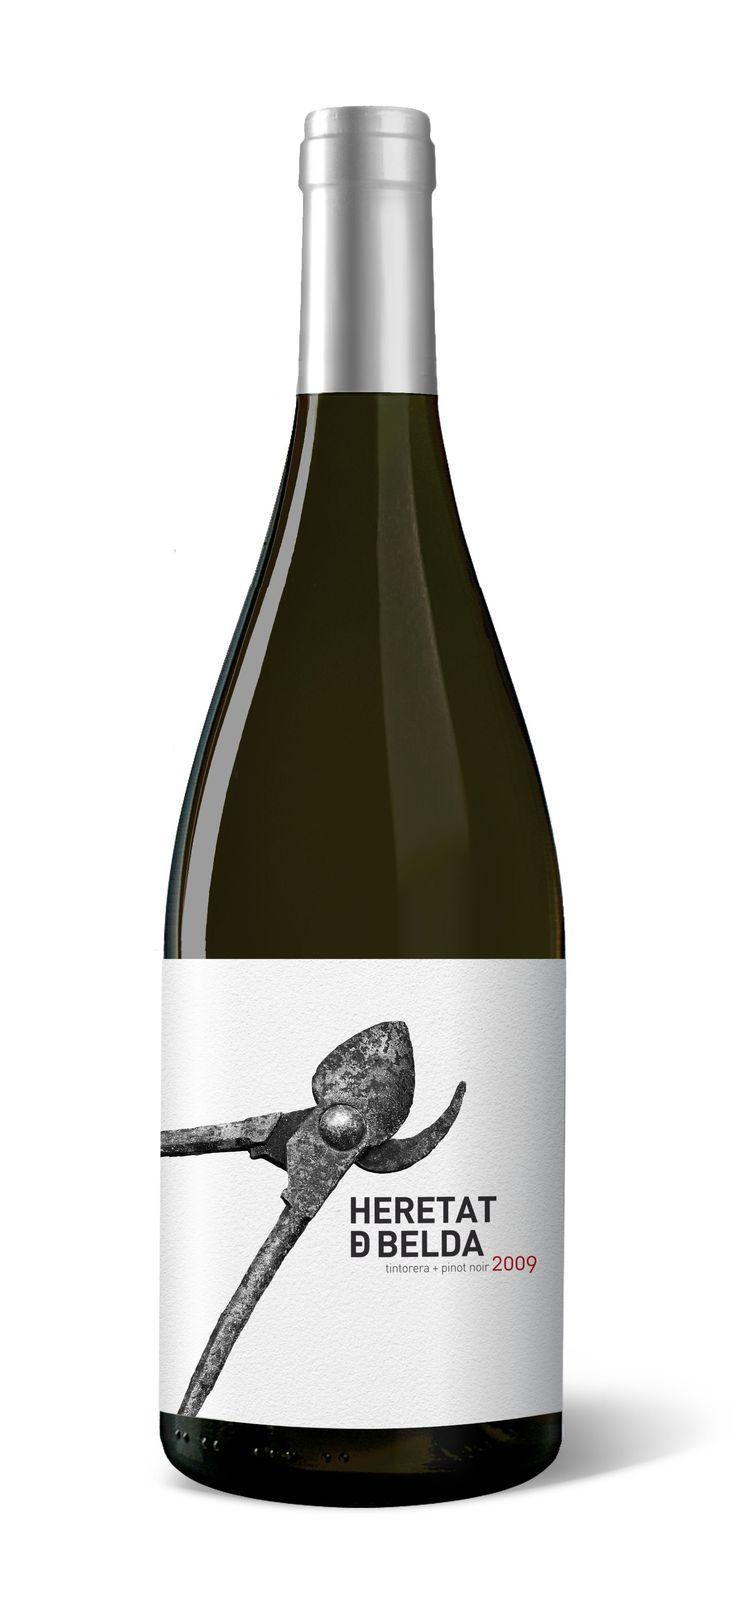 Heretat de Belda wine from Spain